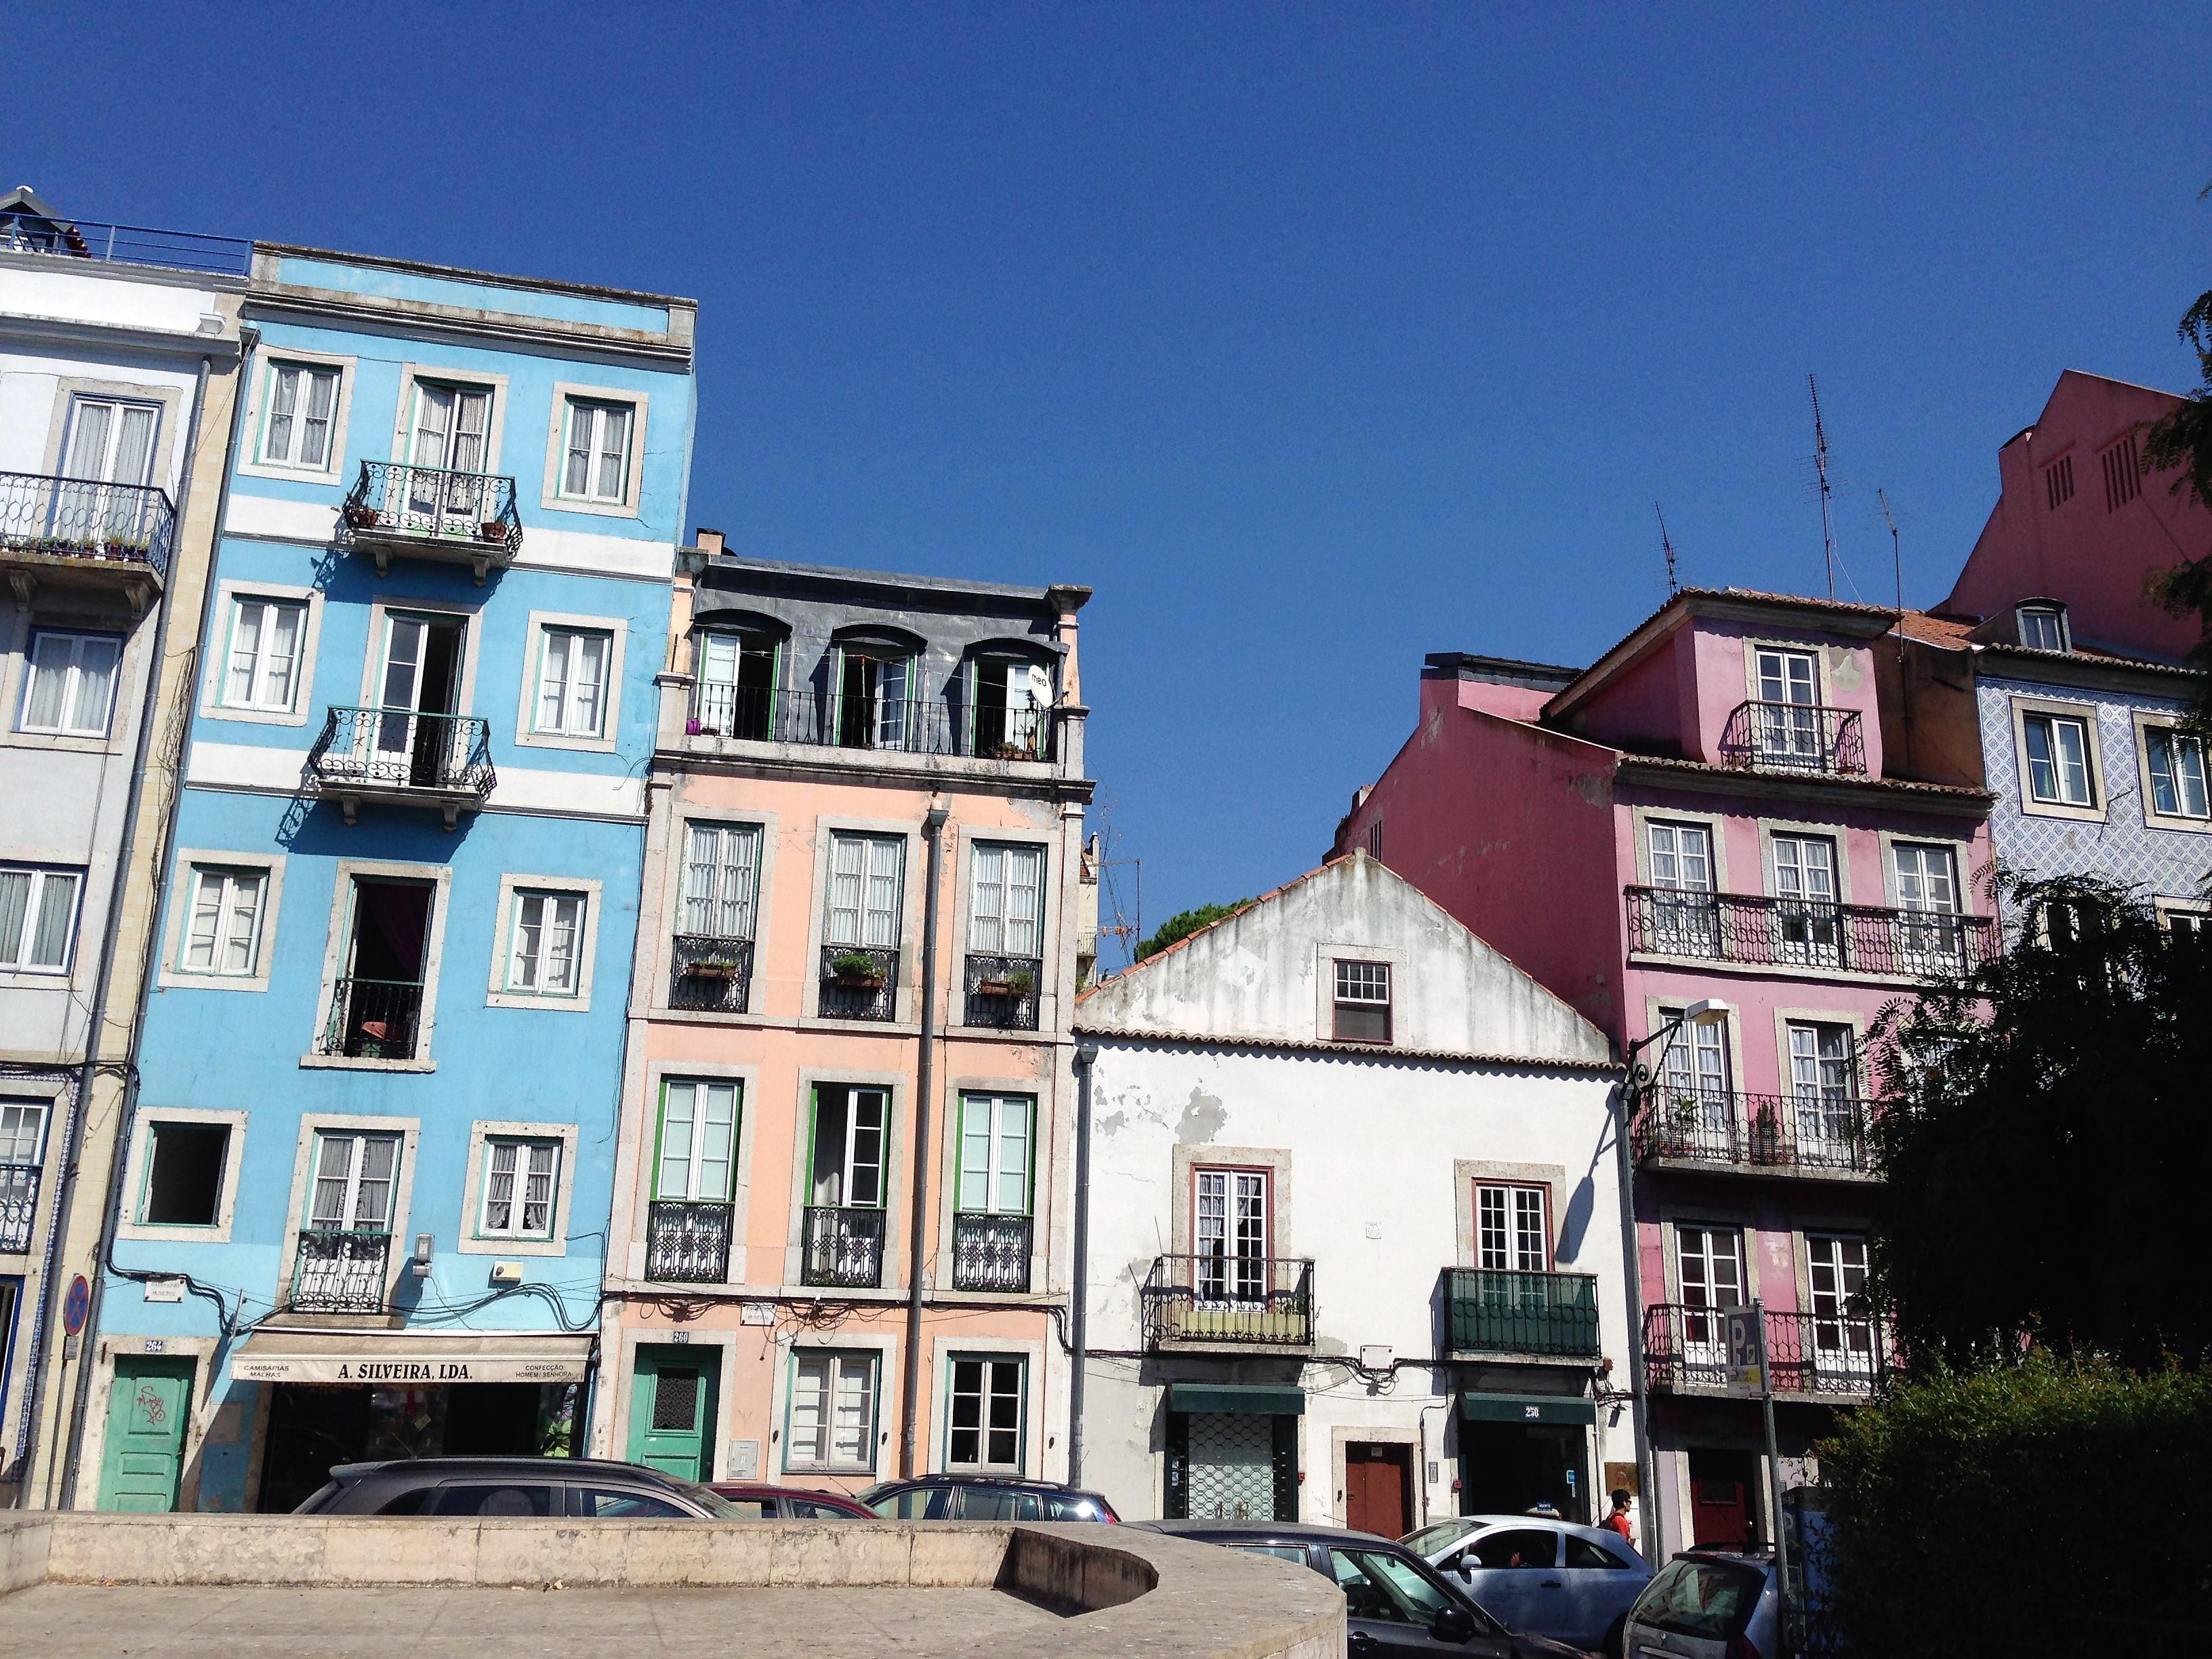 IMG 0064 2 jours à Lisbonne